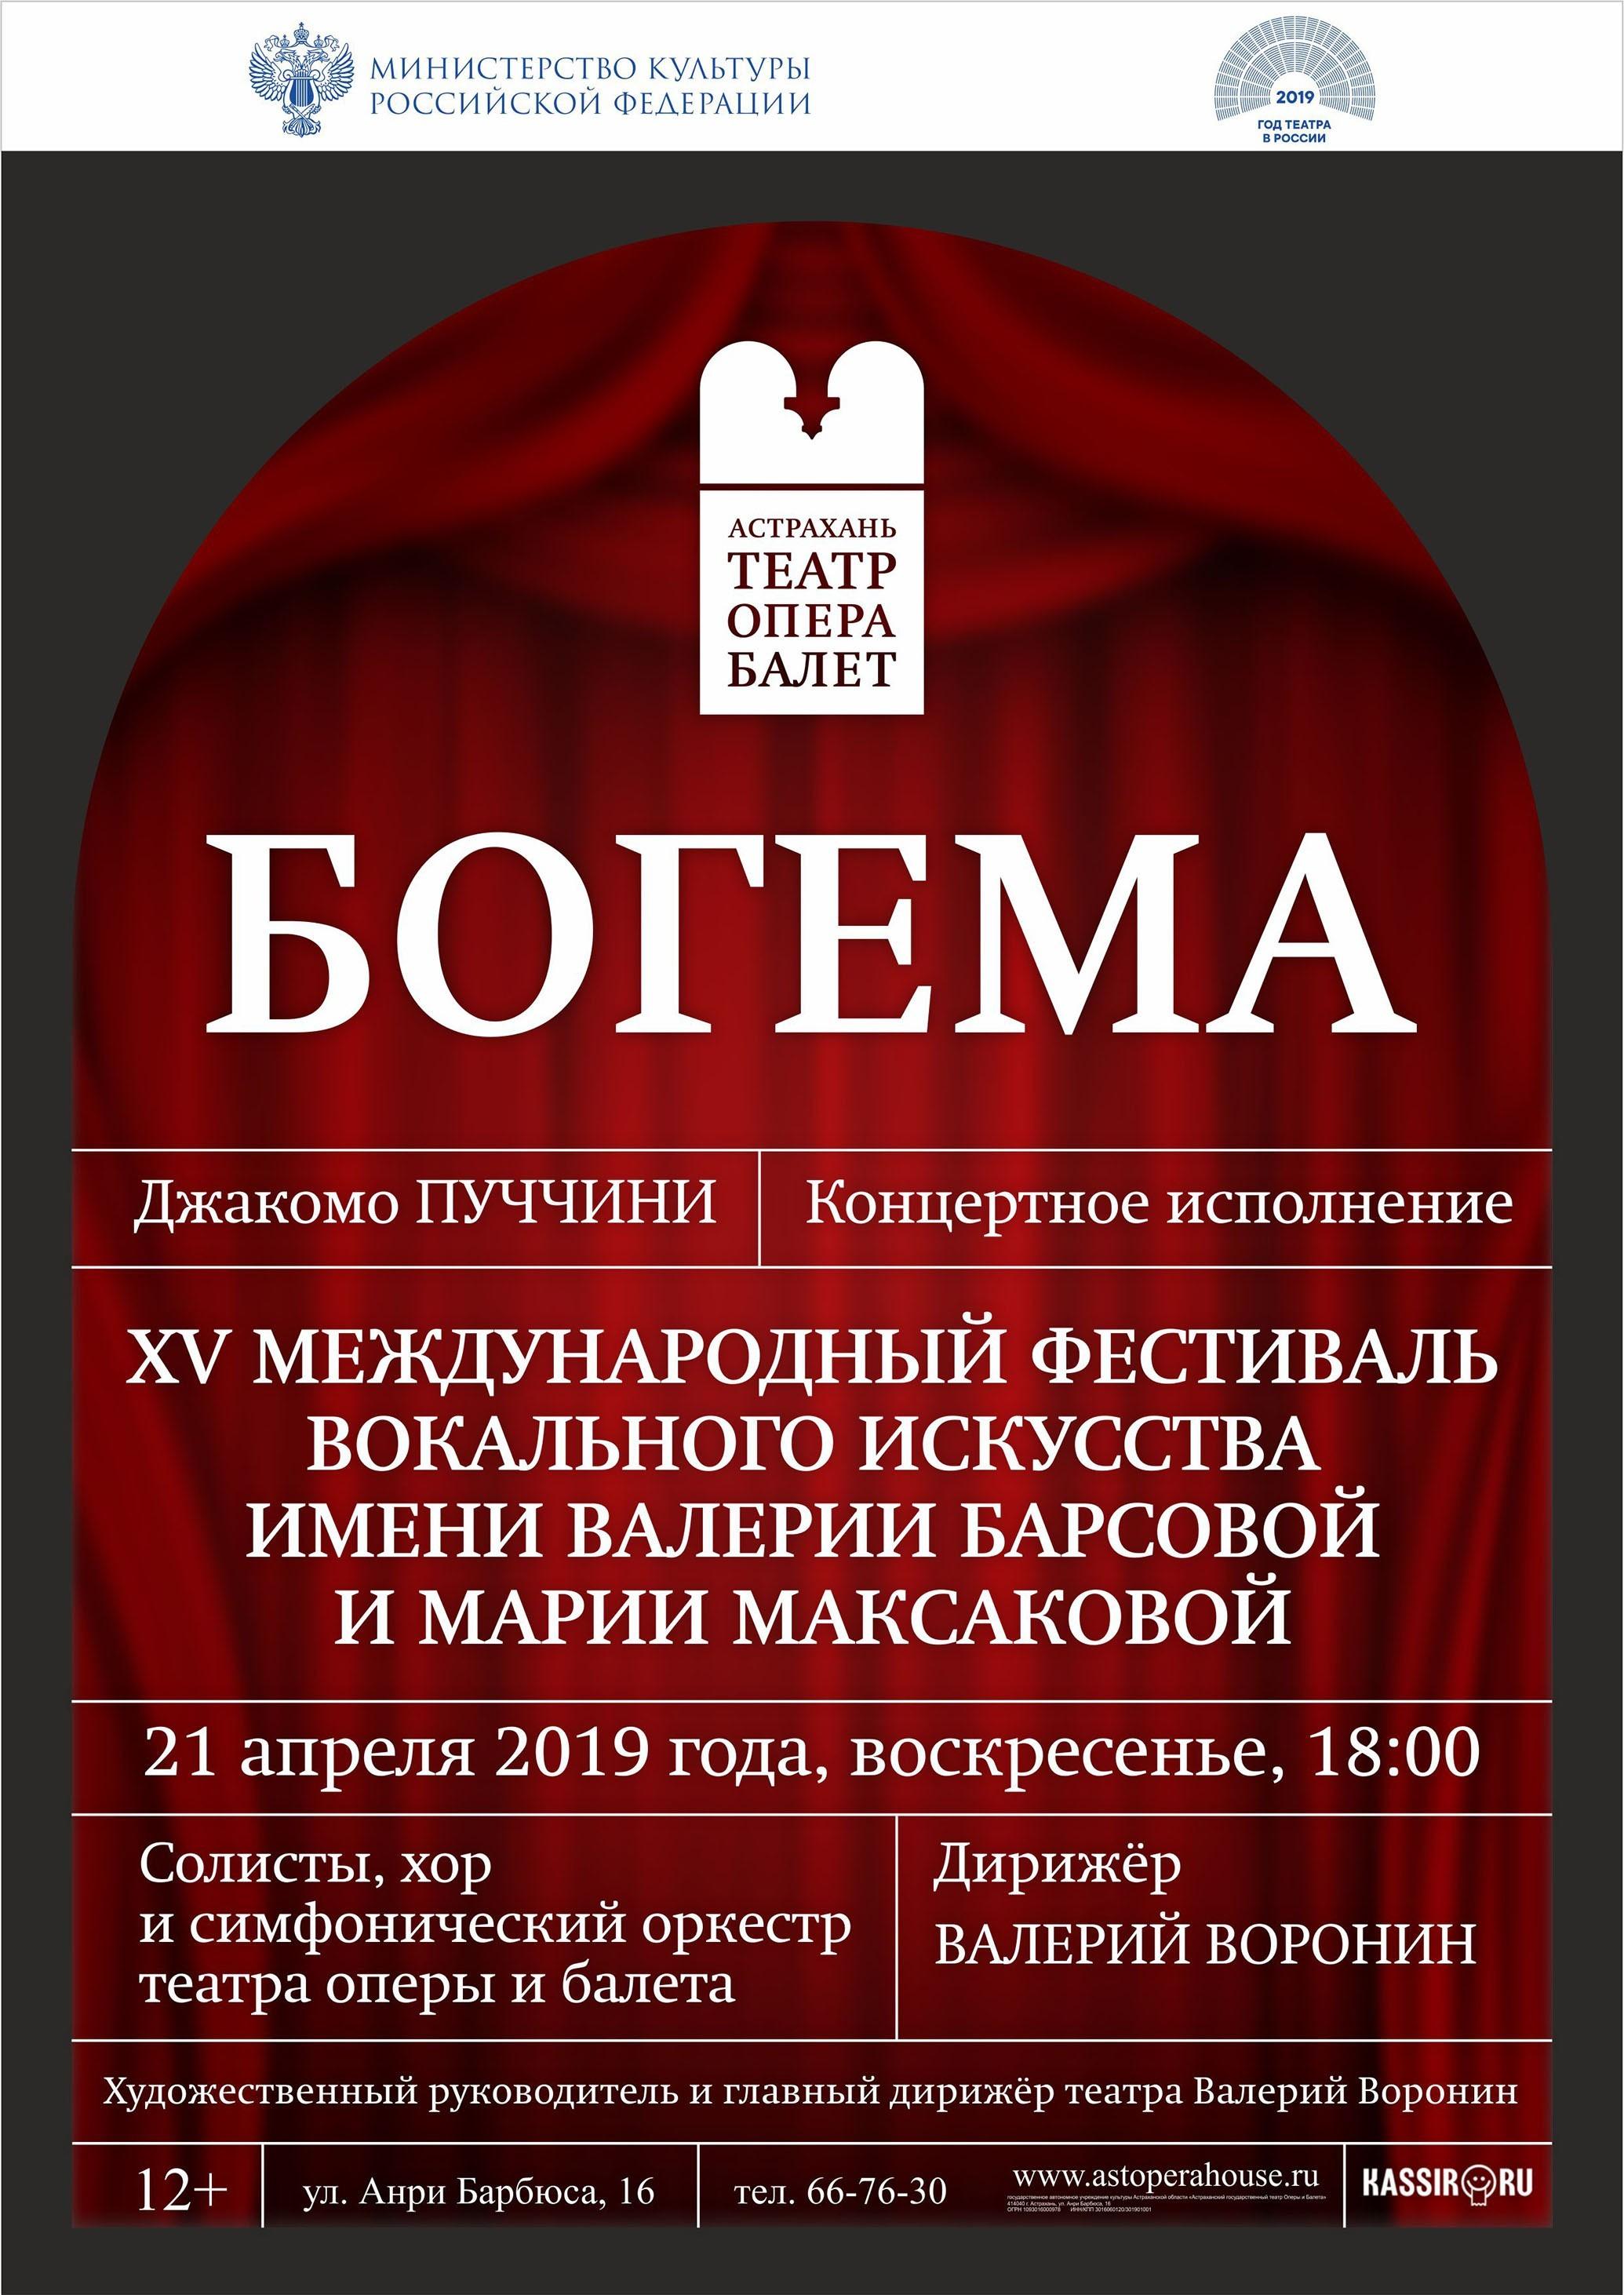 Закрытие  XV Международного фестиваля вокального искусства имени В. Барсовой и М. Максаковой